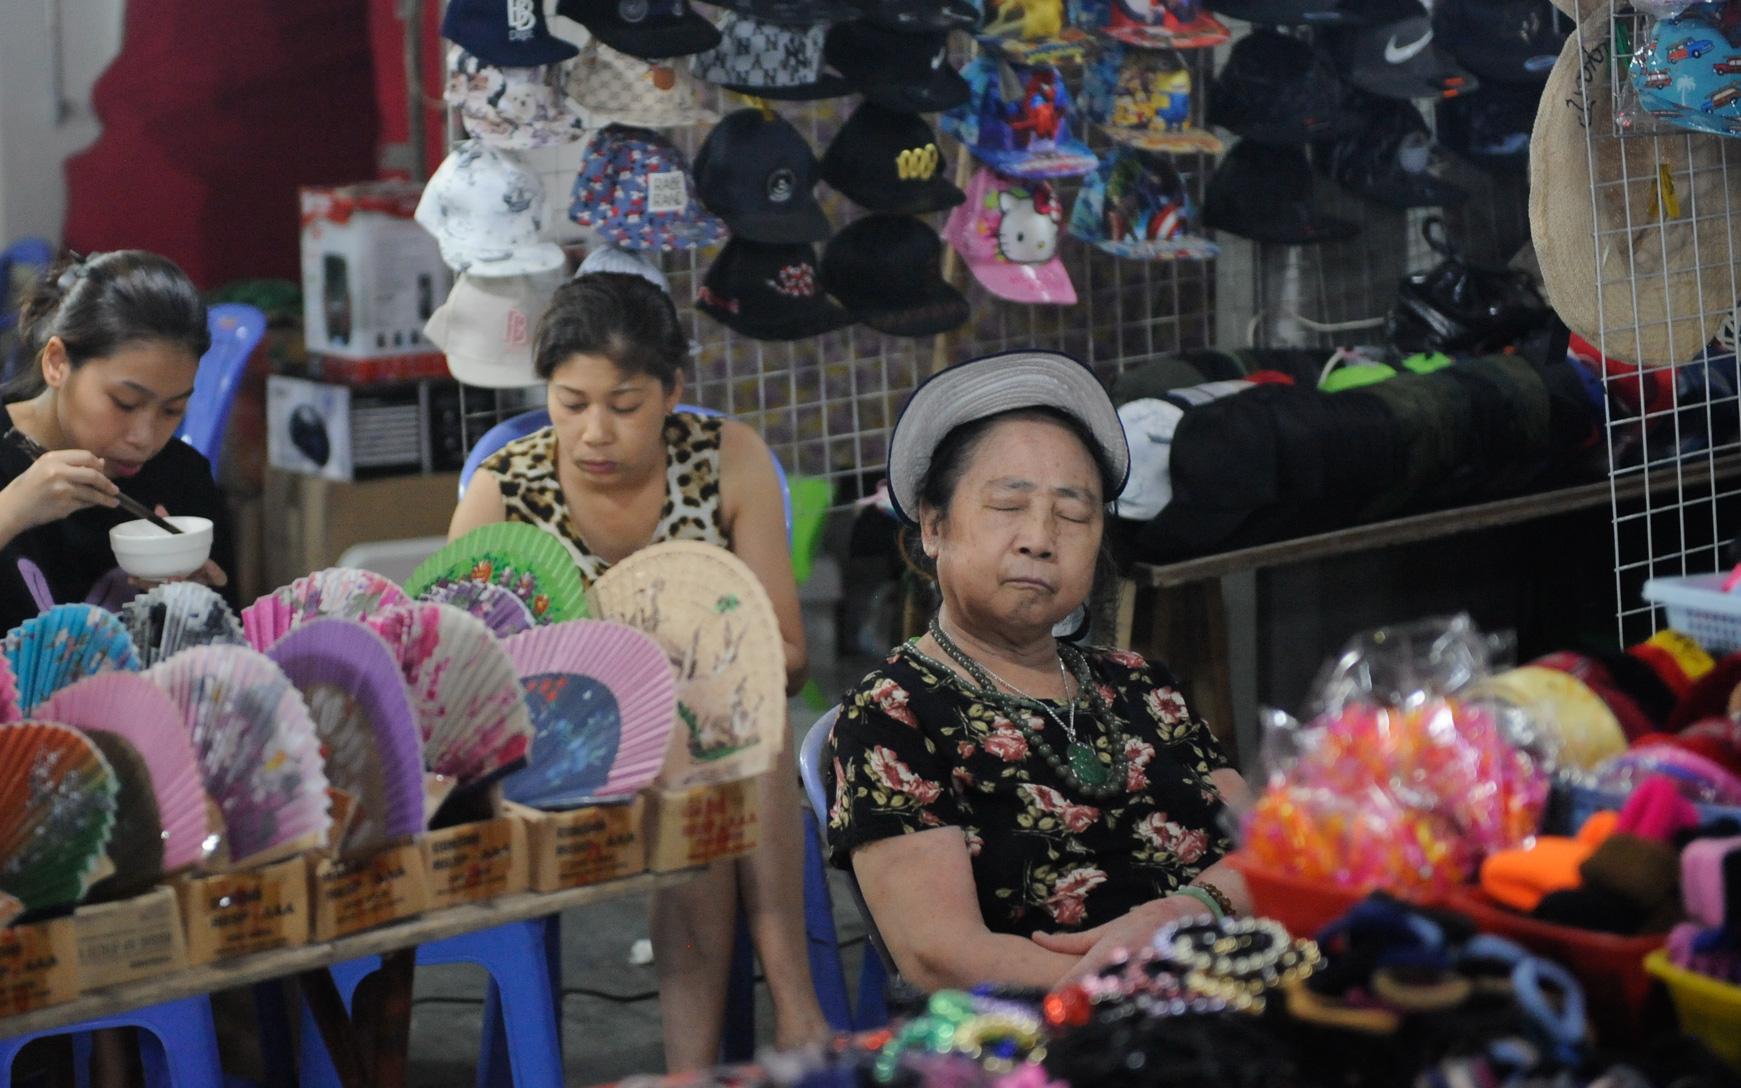 Ảnh: Chợ đêm Hàng Đào vắng bóng khách Tây, tiểu thương phố cổ Hà Nội 'méo mặt' vì ế ẩm